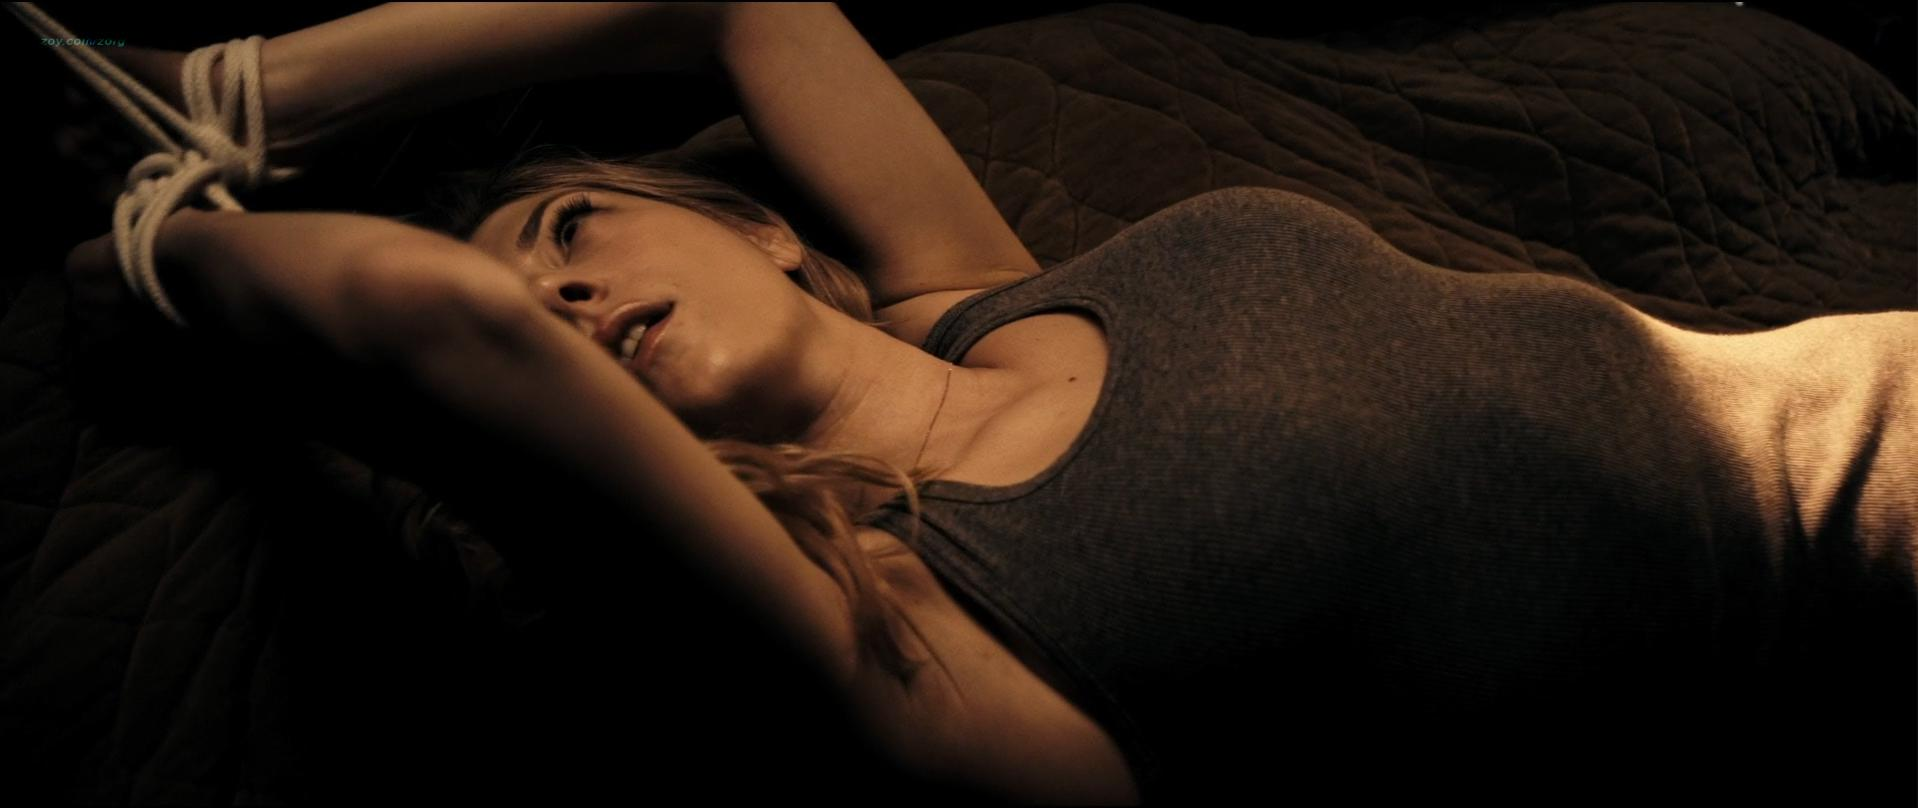 Katheryn Winnick sexy - Choose (2010)